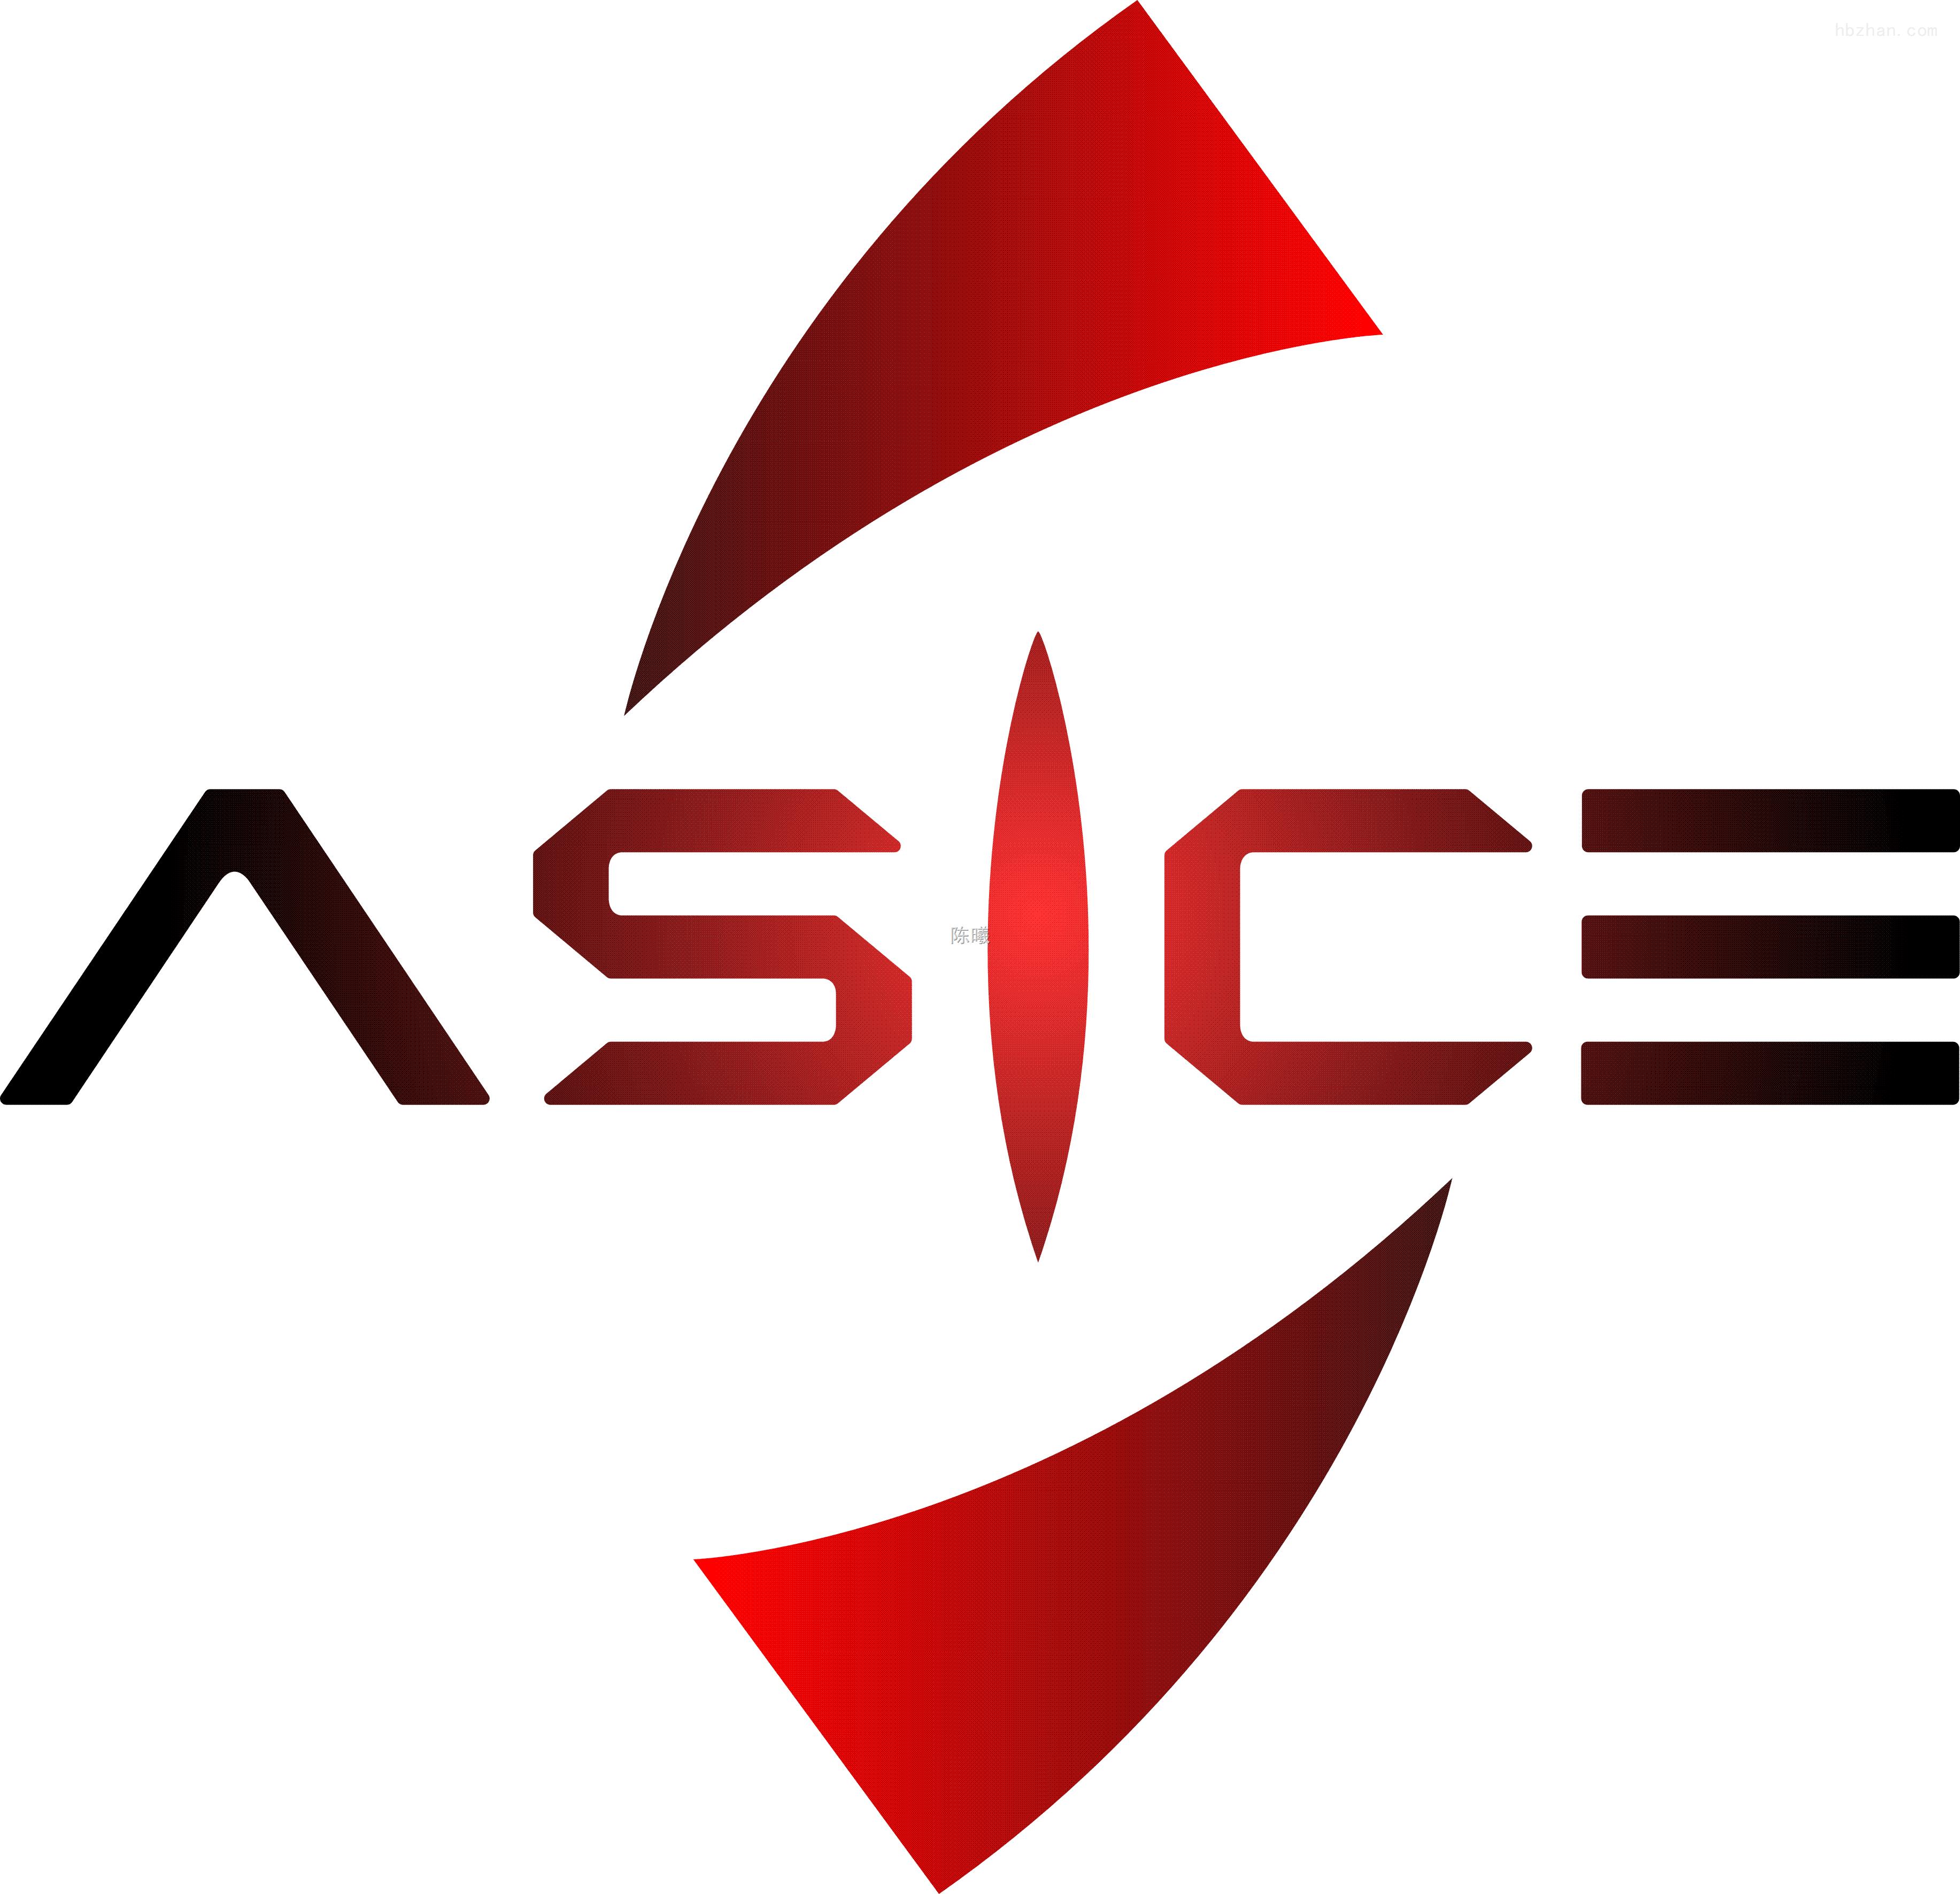 logo logo 标志 设计 矢量 矢量图 素材 图标 3666_3543